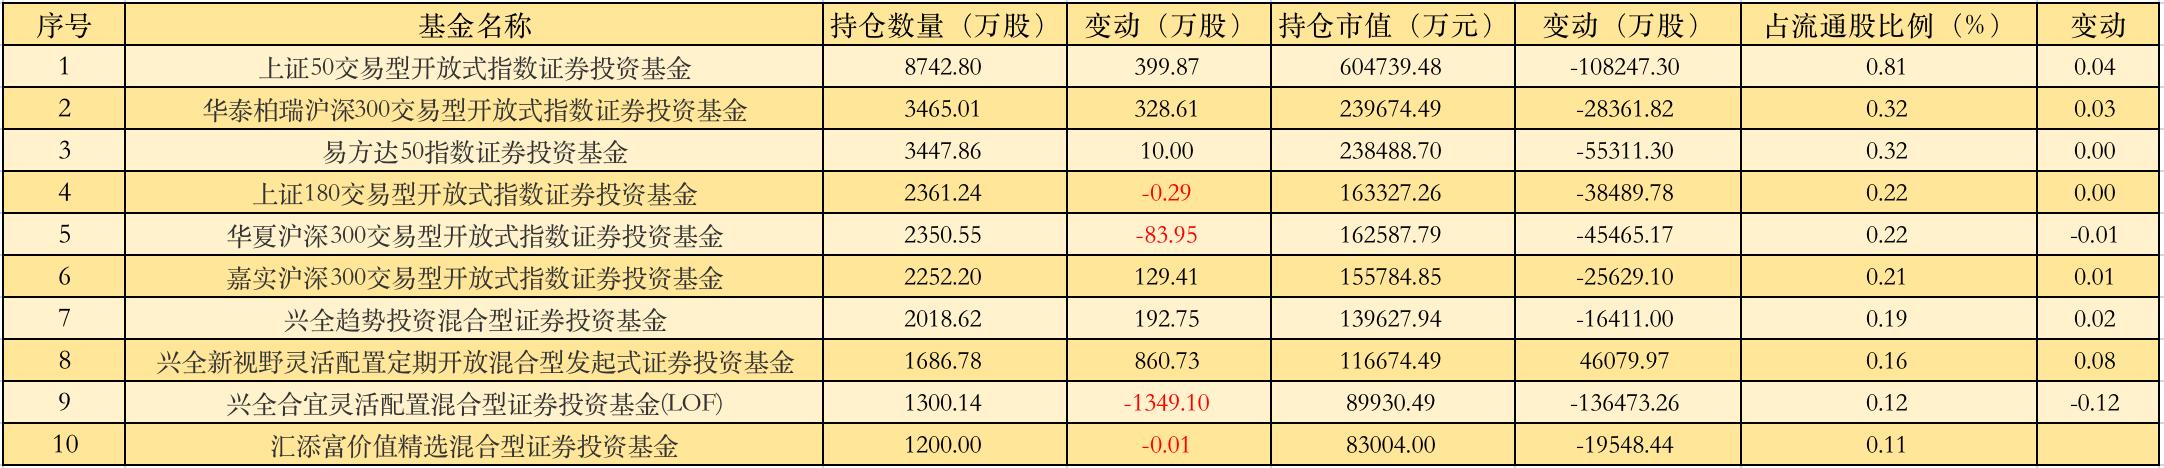 """一季度基金重仓保险股曝光!同比下降13.69%  惠誉下调新华保险财务实力评级至""""负面"""""""